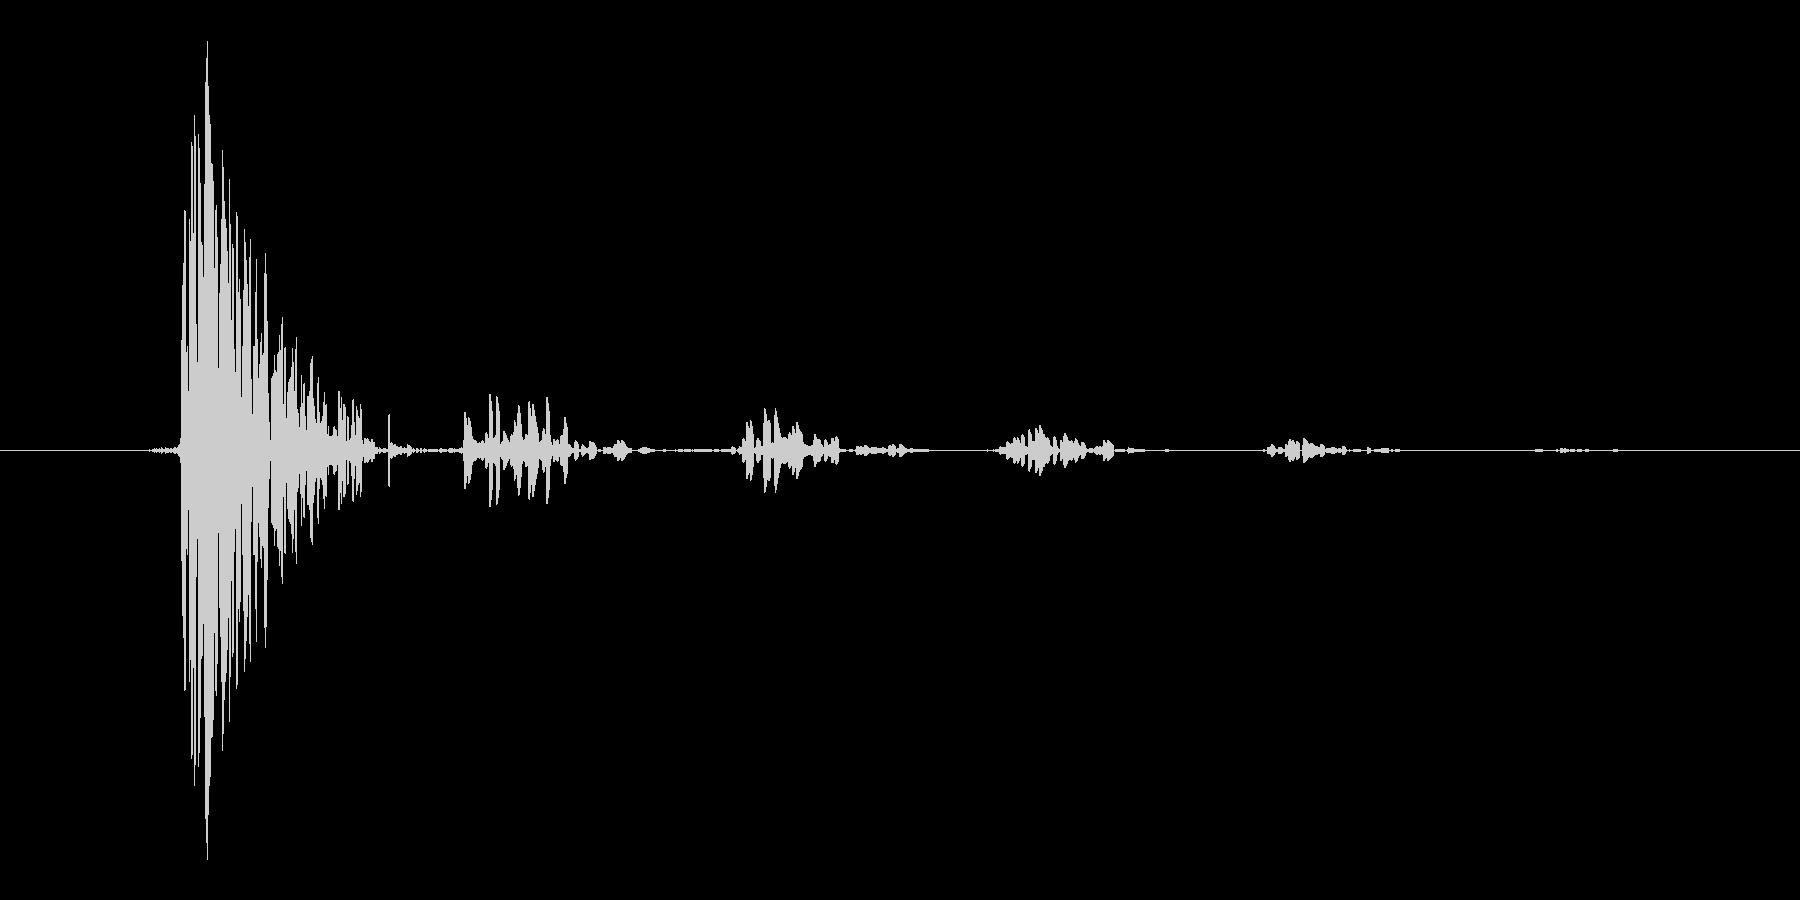 ノイズ系キャンセル音2の未再生の波形